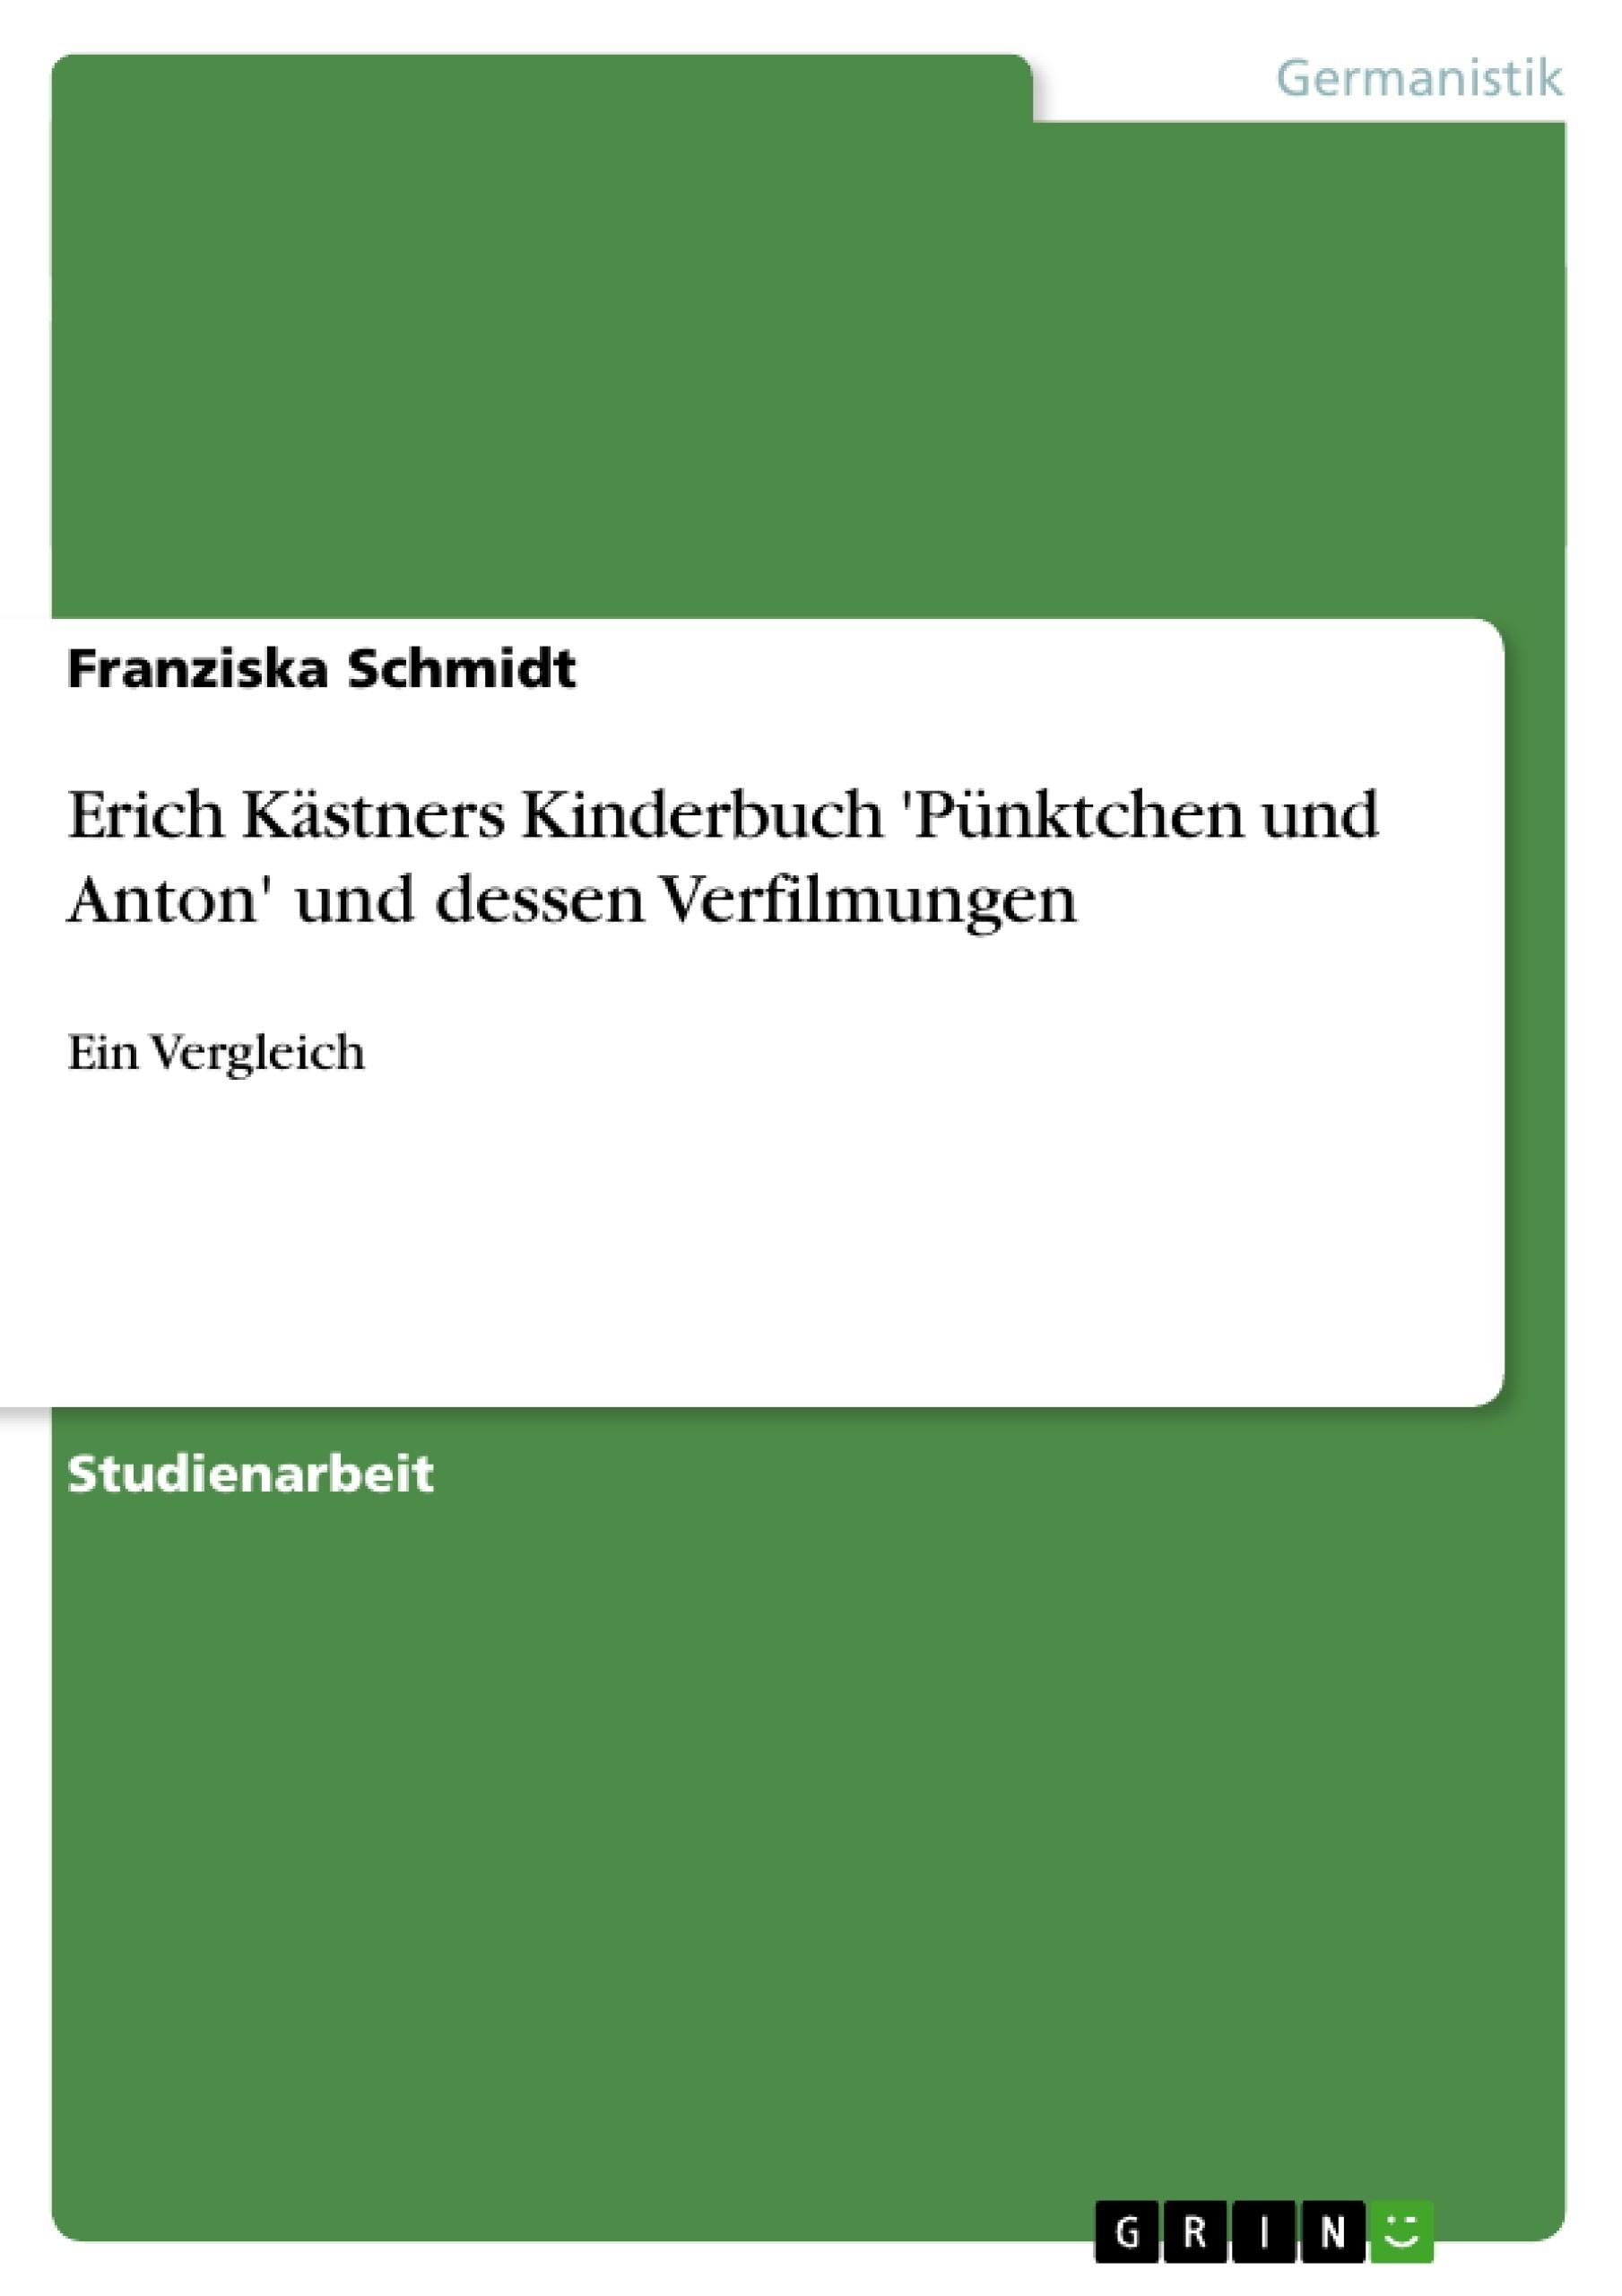 Titel: Erich Kästners Kinderbuch 'Pünktchen und Anton' und dessen Verfilmungen